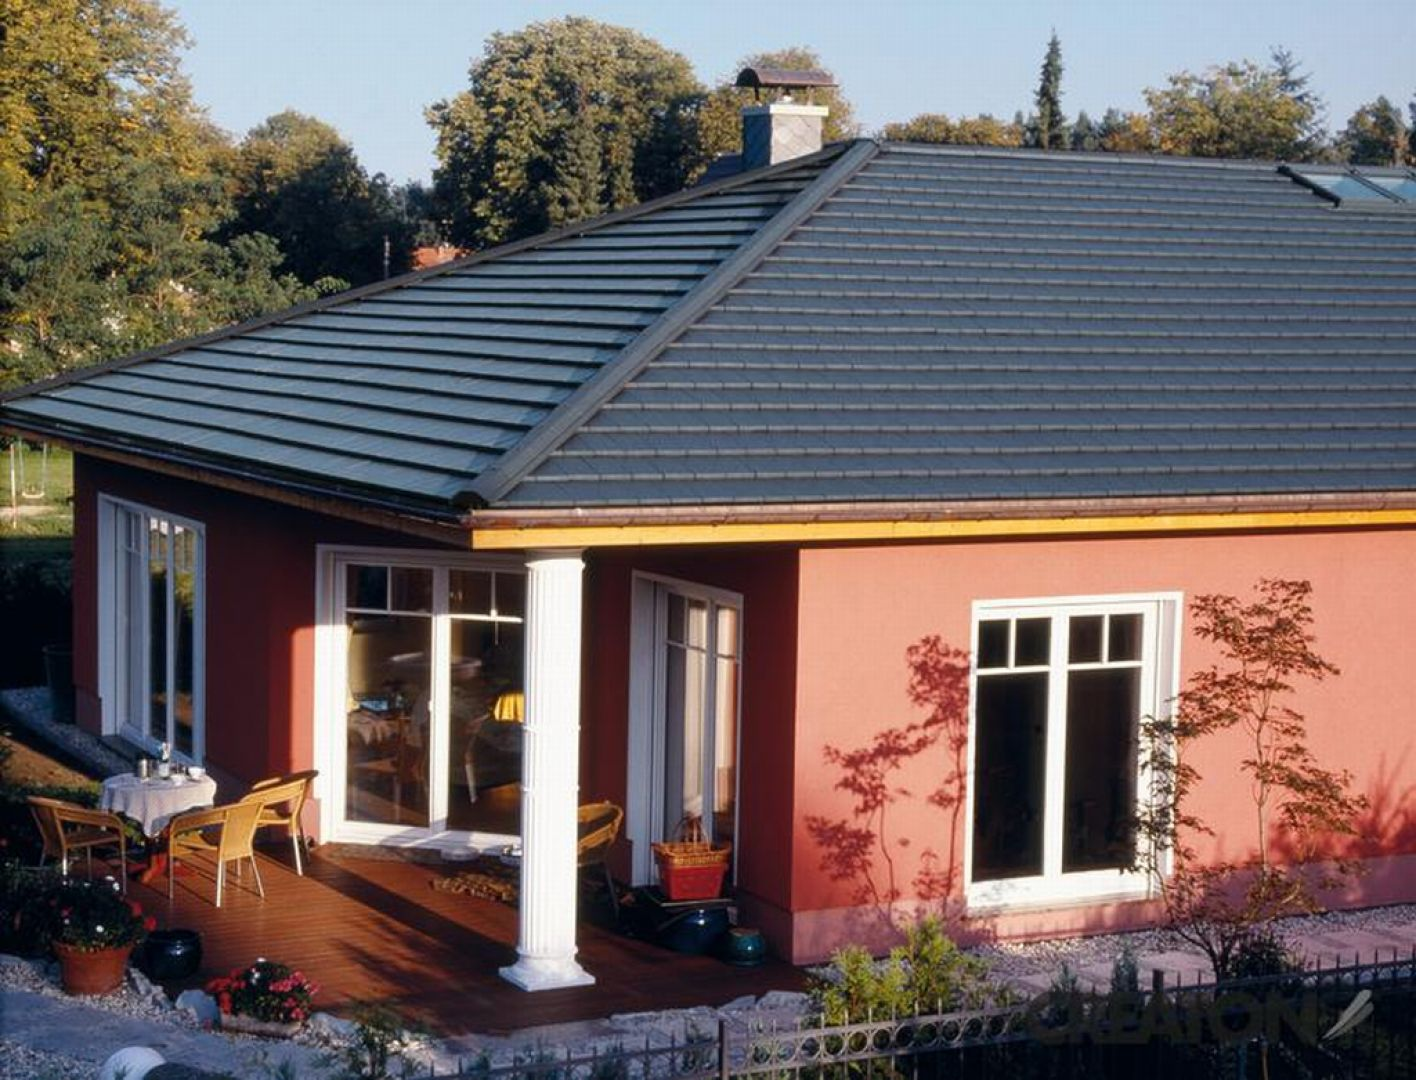 Coraz częściej Polacy decydują się na kompaktowe formy budynków mieszkalnych, w których cała powierzchnia użytkowa jest starannie przemyślana i zagospodarowana. Fot. Creaton